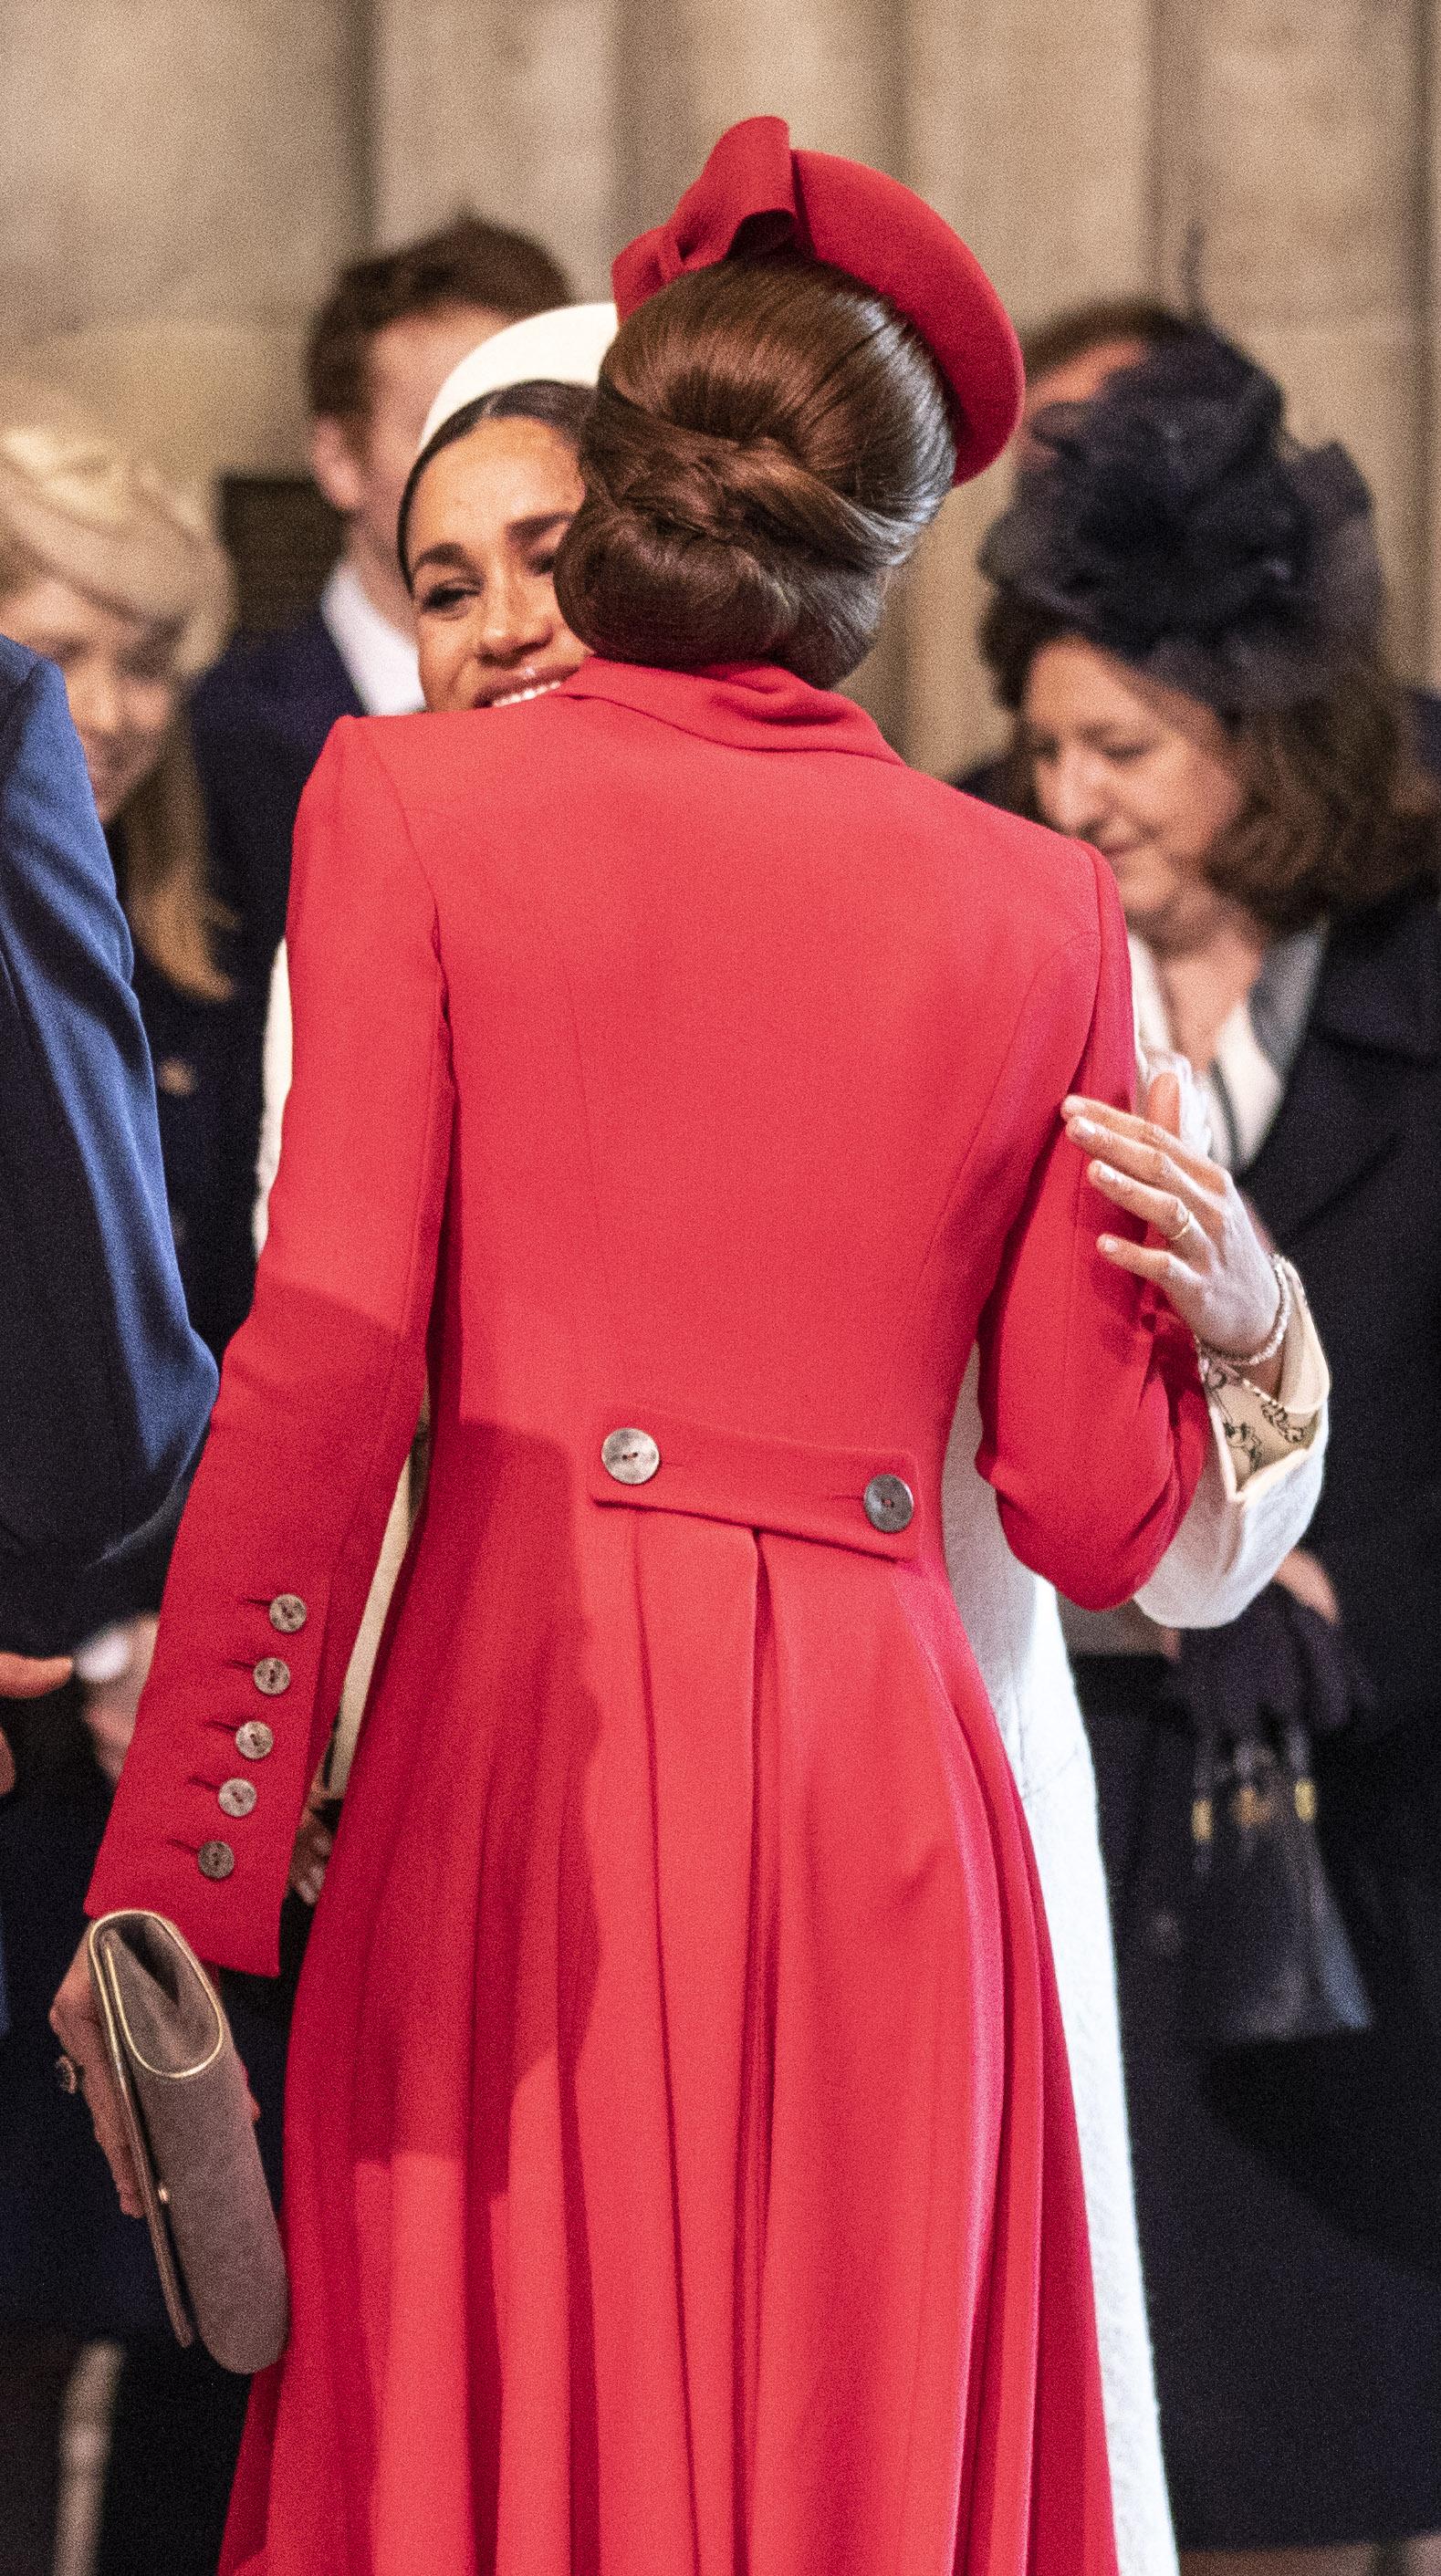 Денят на Общността на нациите събра на едно място Кейт Мидълтън и Меган Маркъл, които освен че изглеждаха ослепително, още веднъж разсеяха слуховете за вражда помежду си.